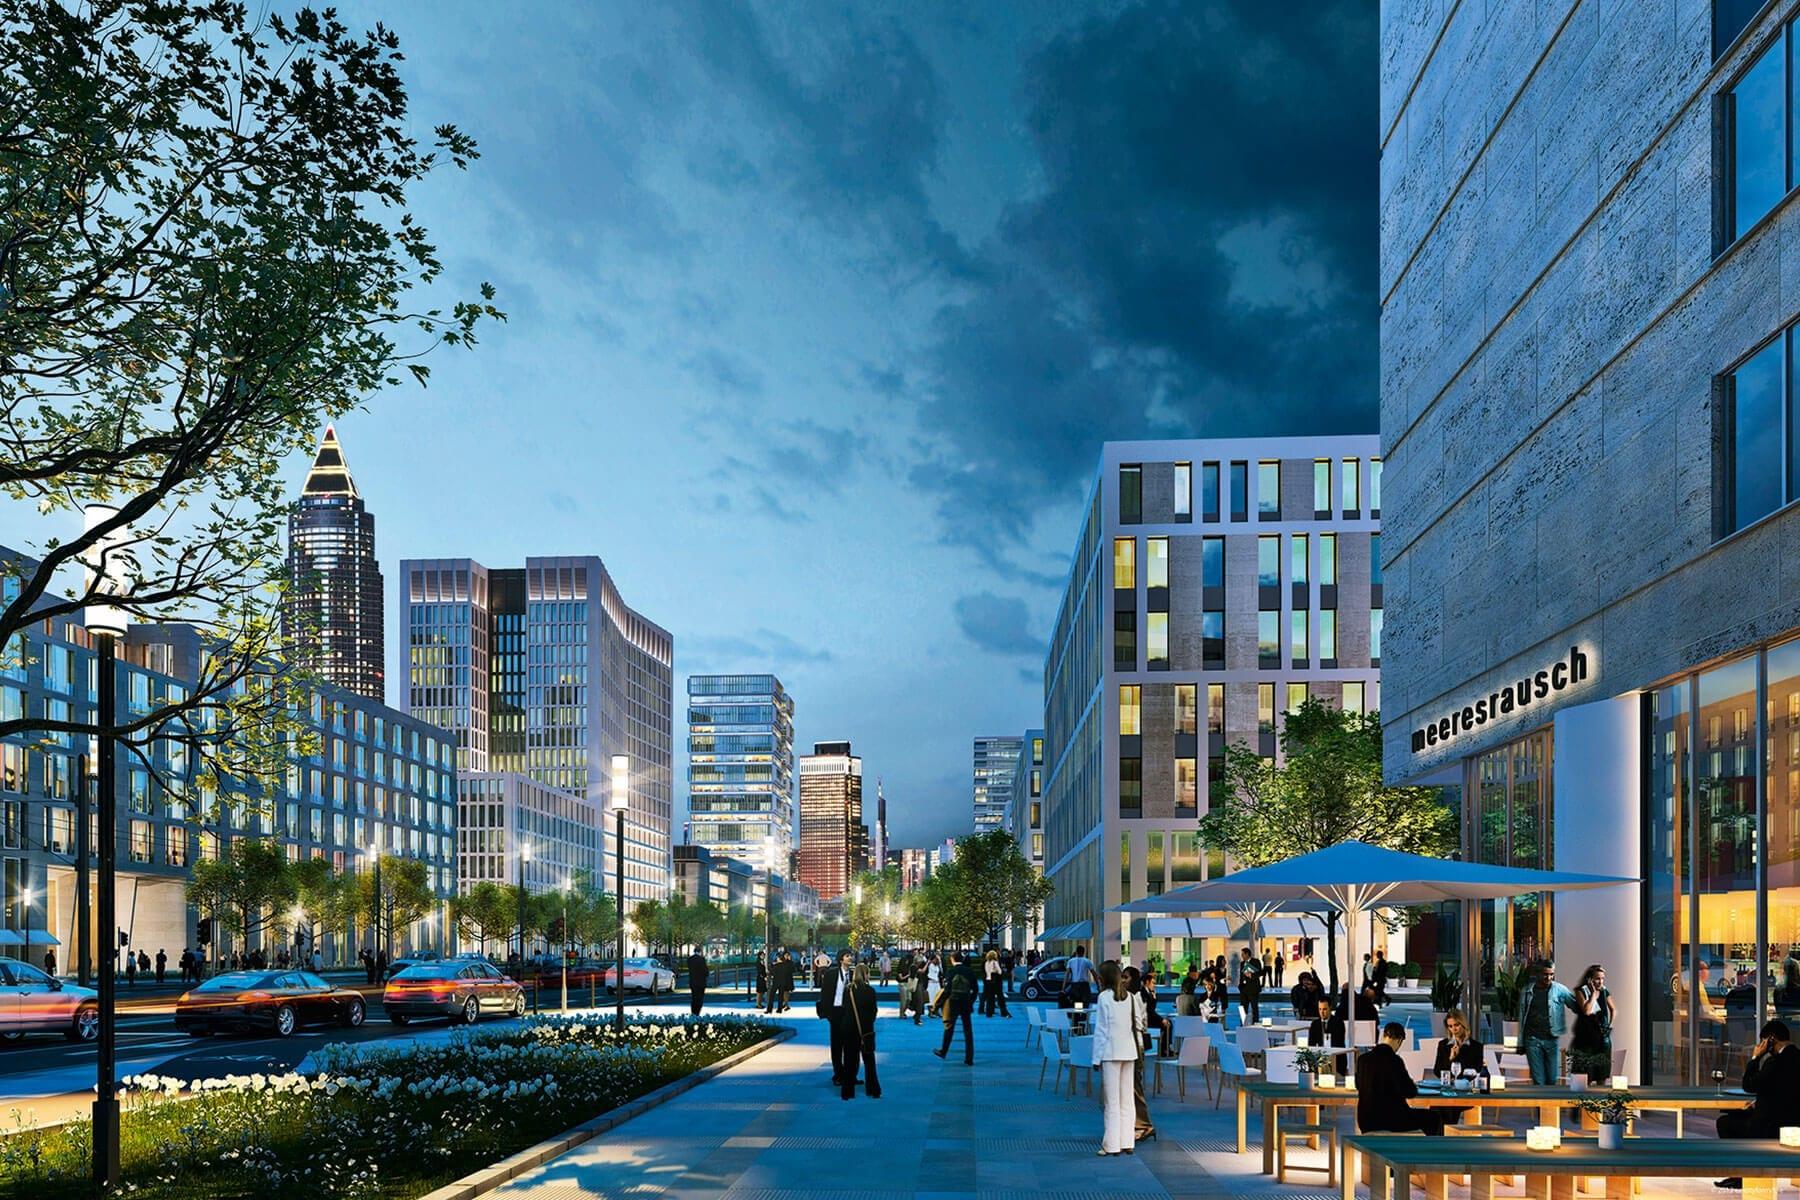 BLVD Mitte Europaviertel Quartiersentwicklung